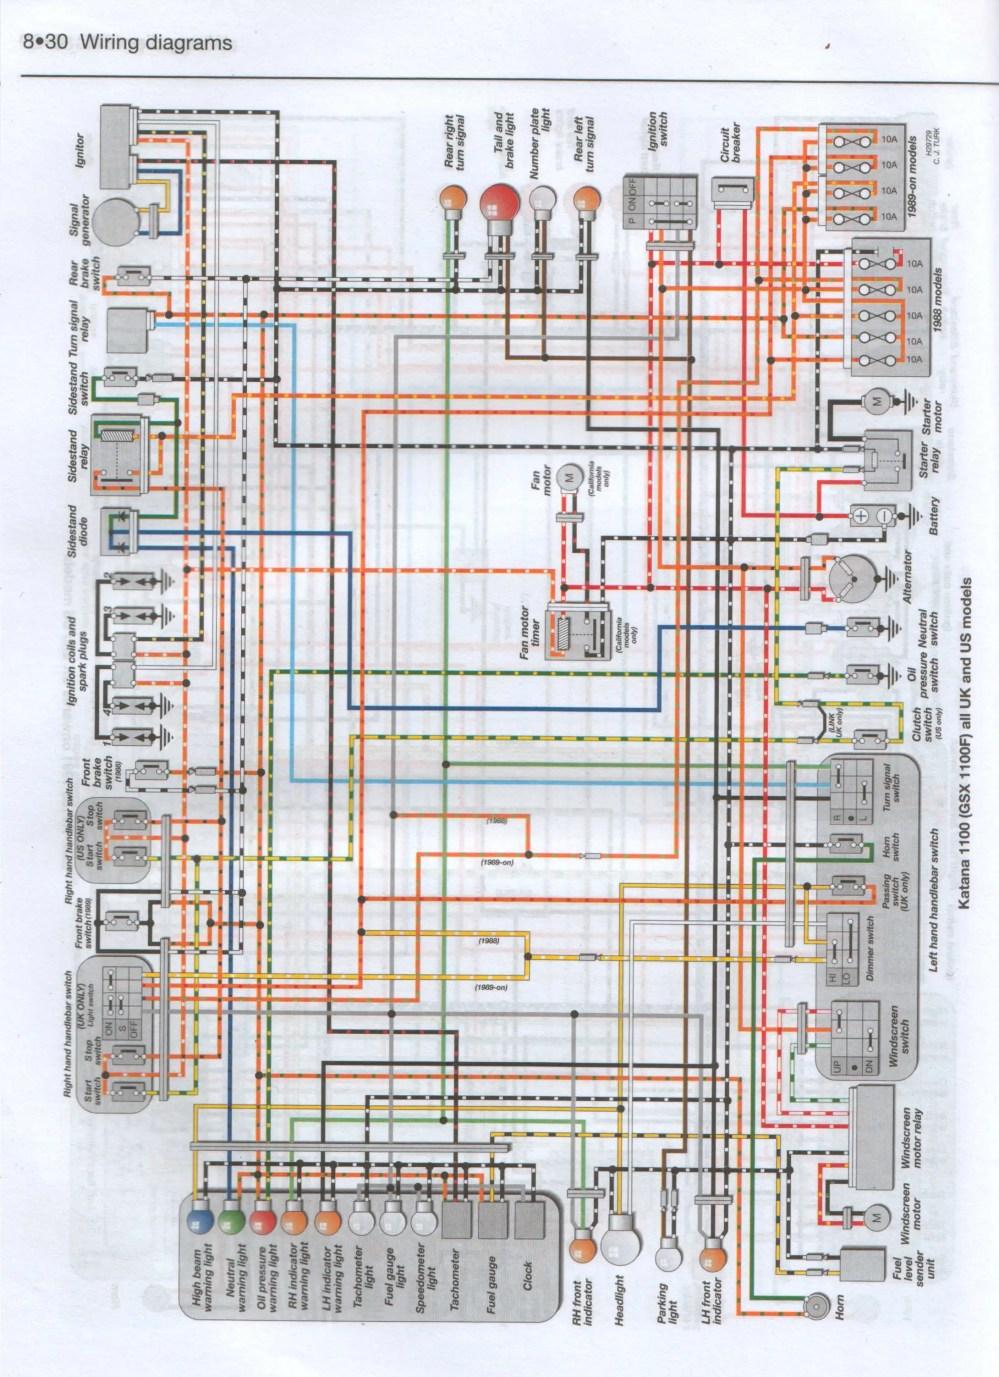 medium resolution of manuali d uso e manutenzione moto duomoto suzuki tl1000s wiring diagram